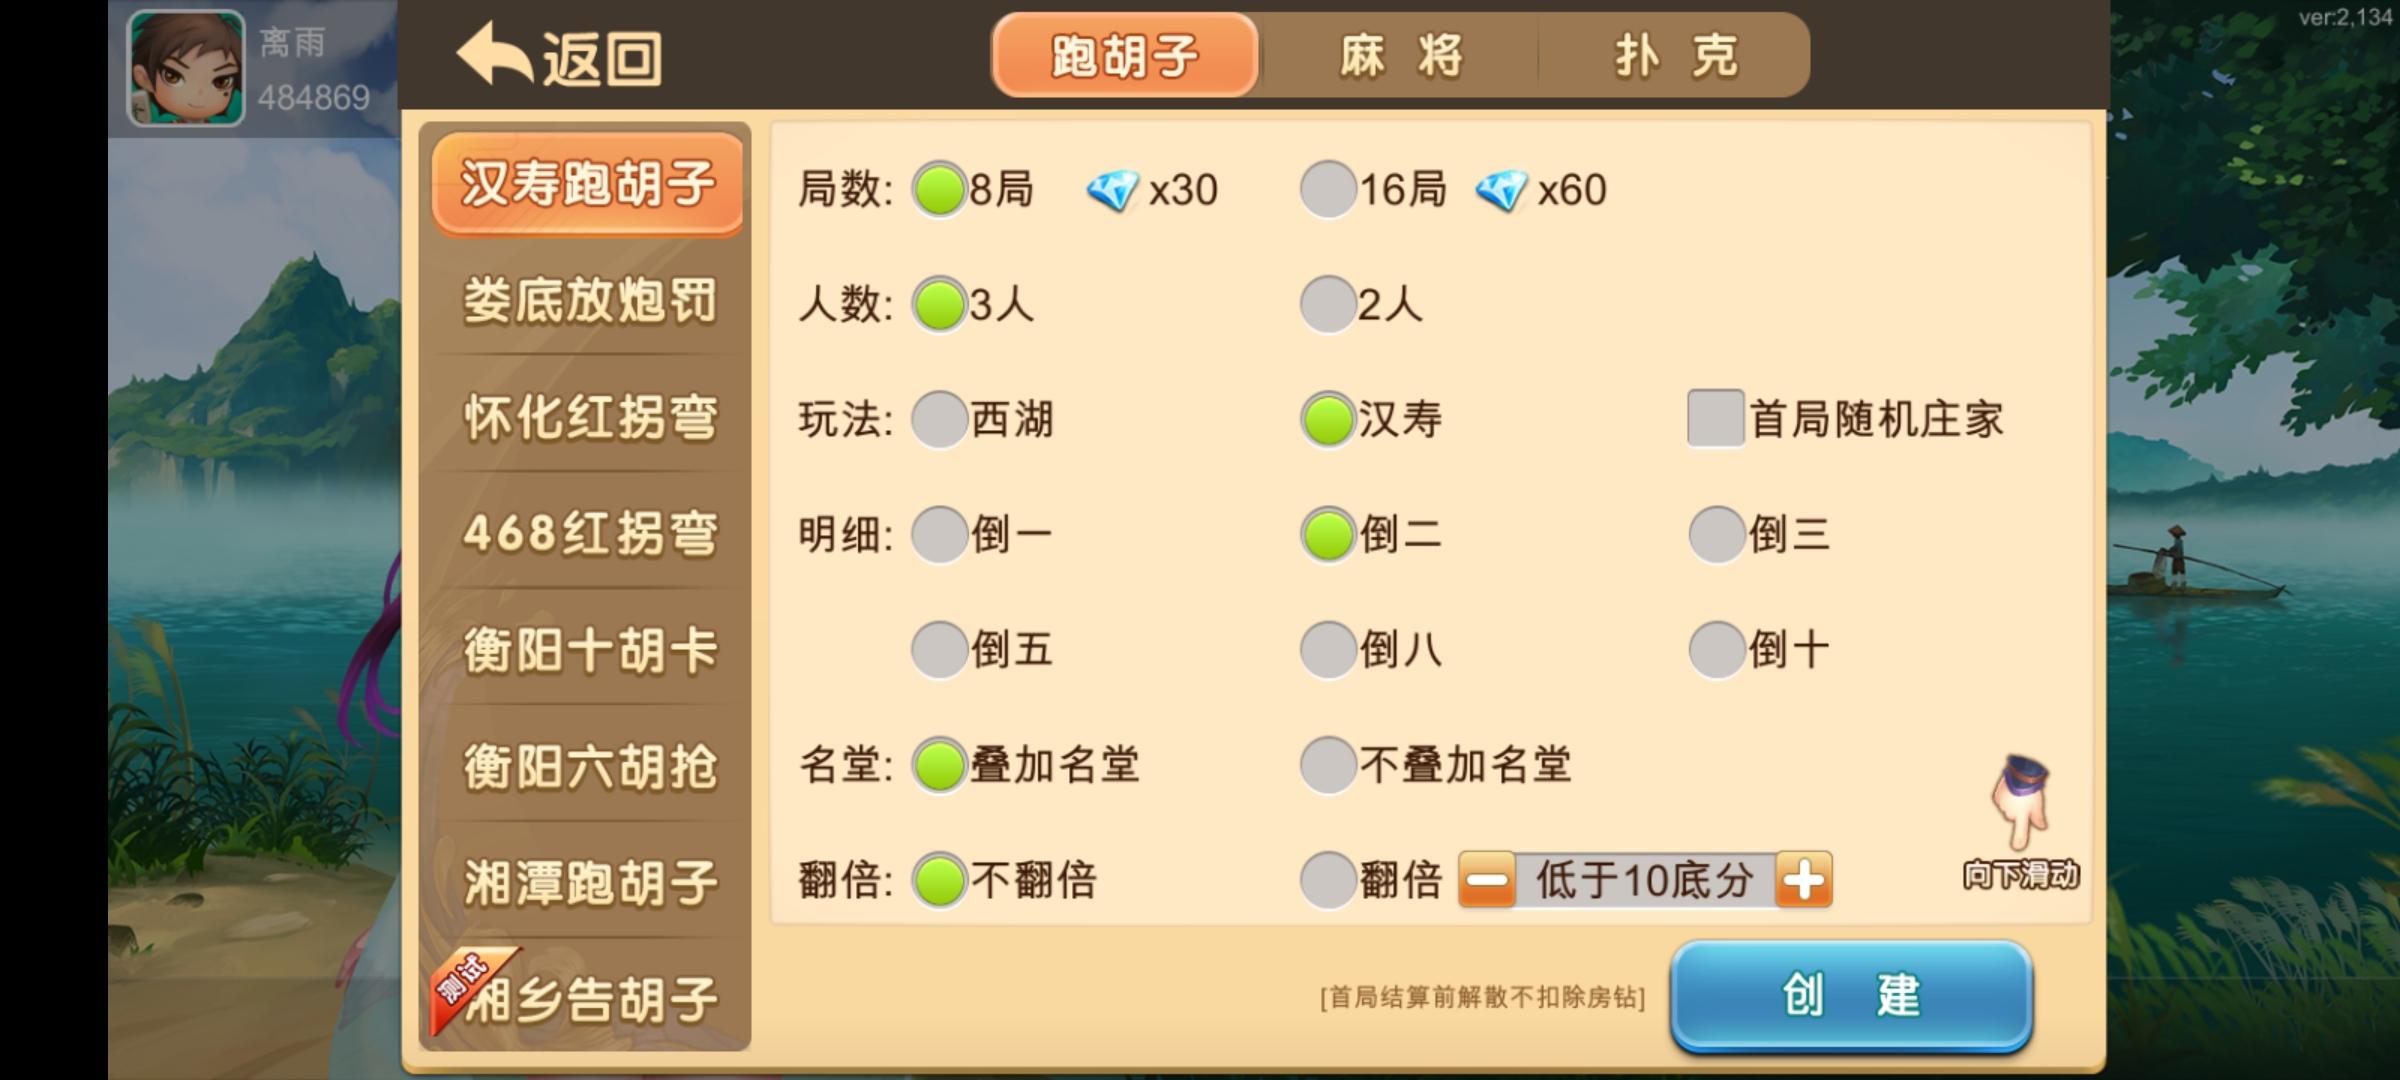 闲玩湖南玩法插图(1)